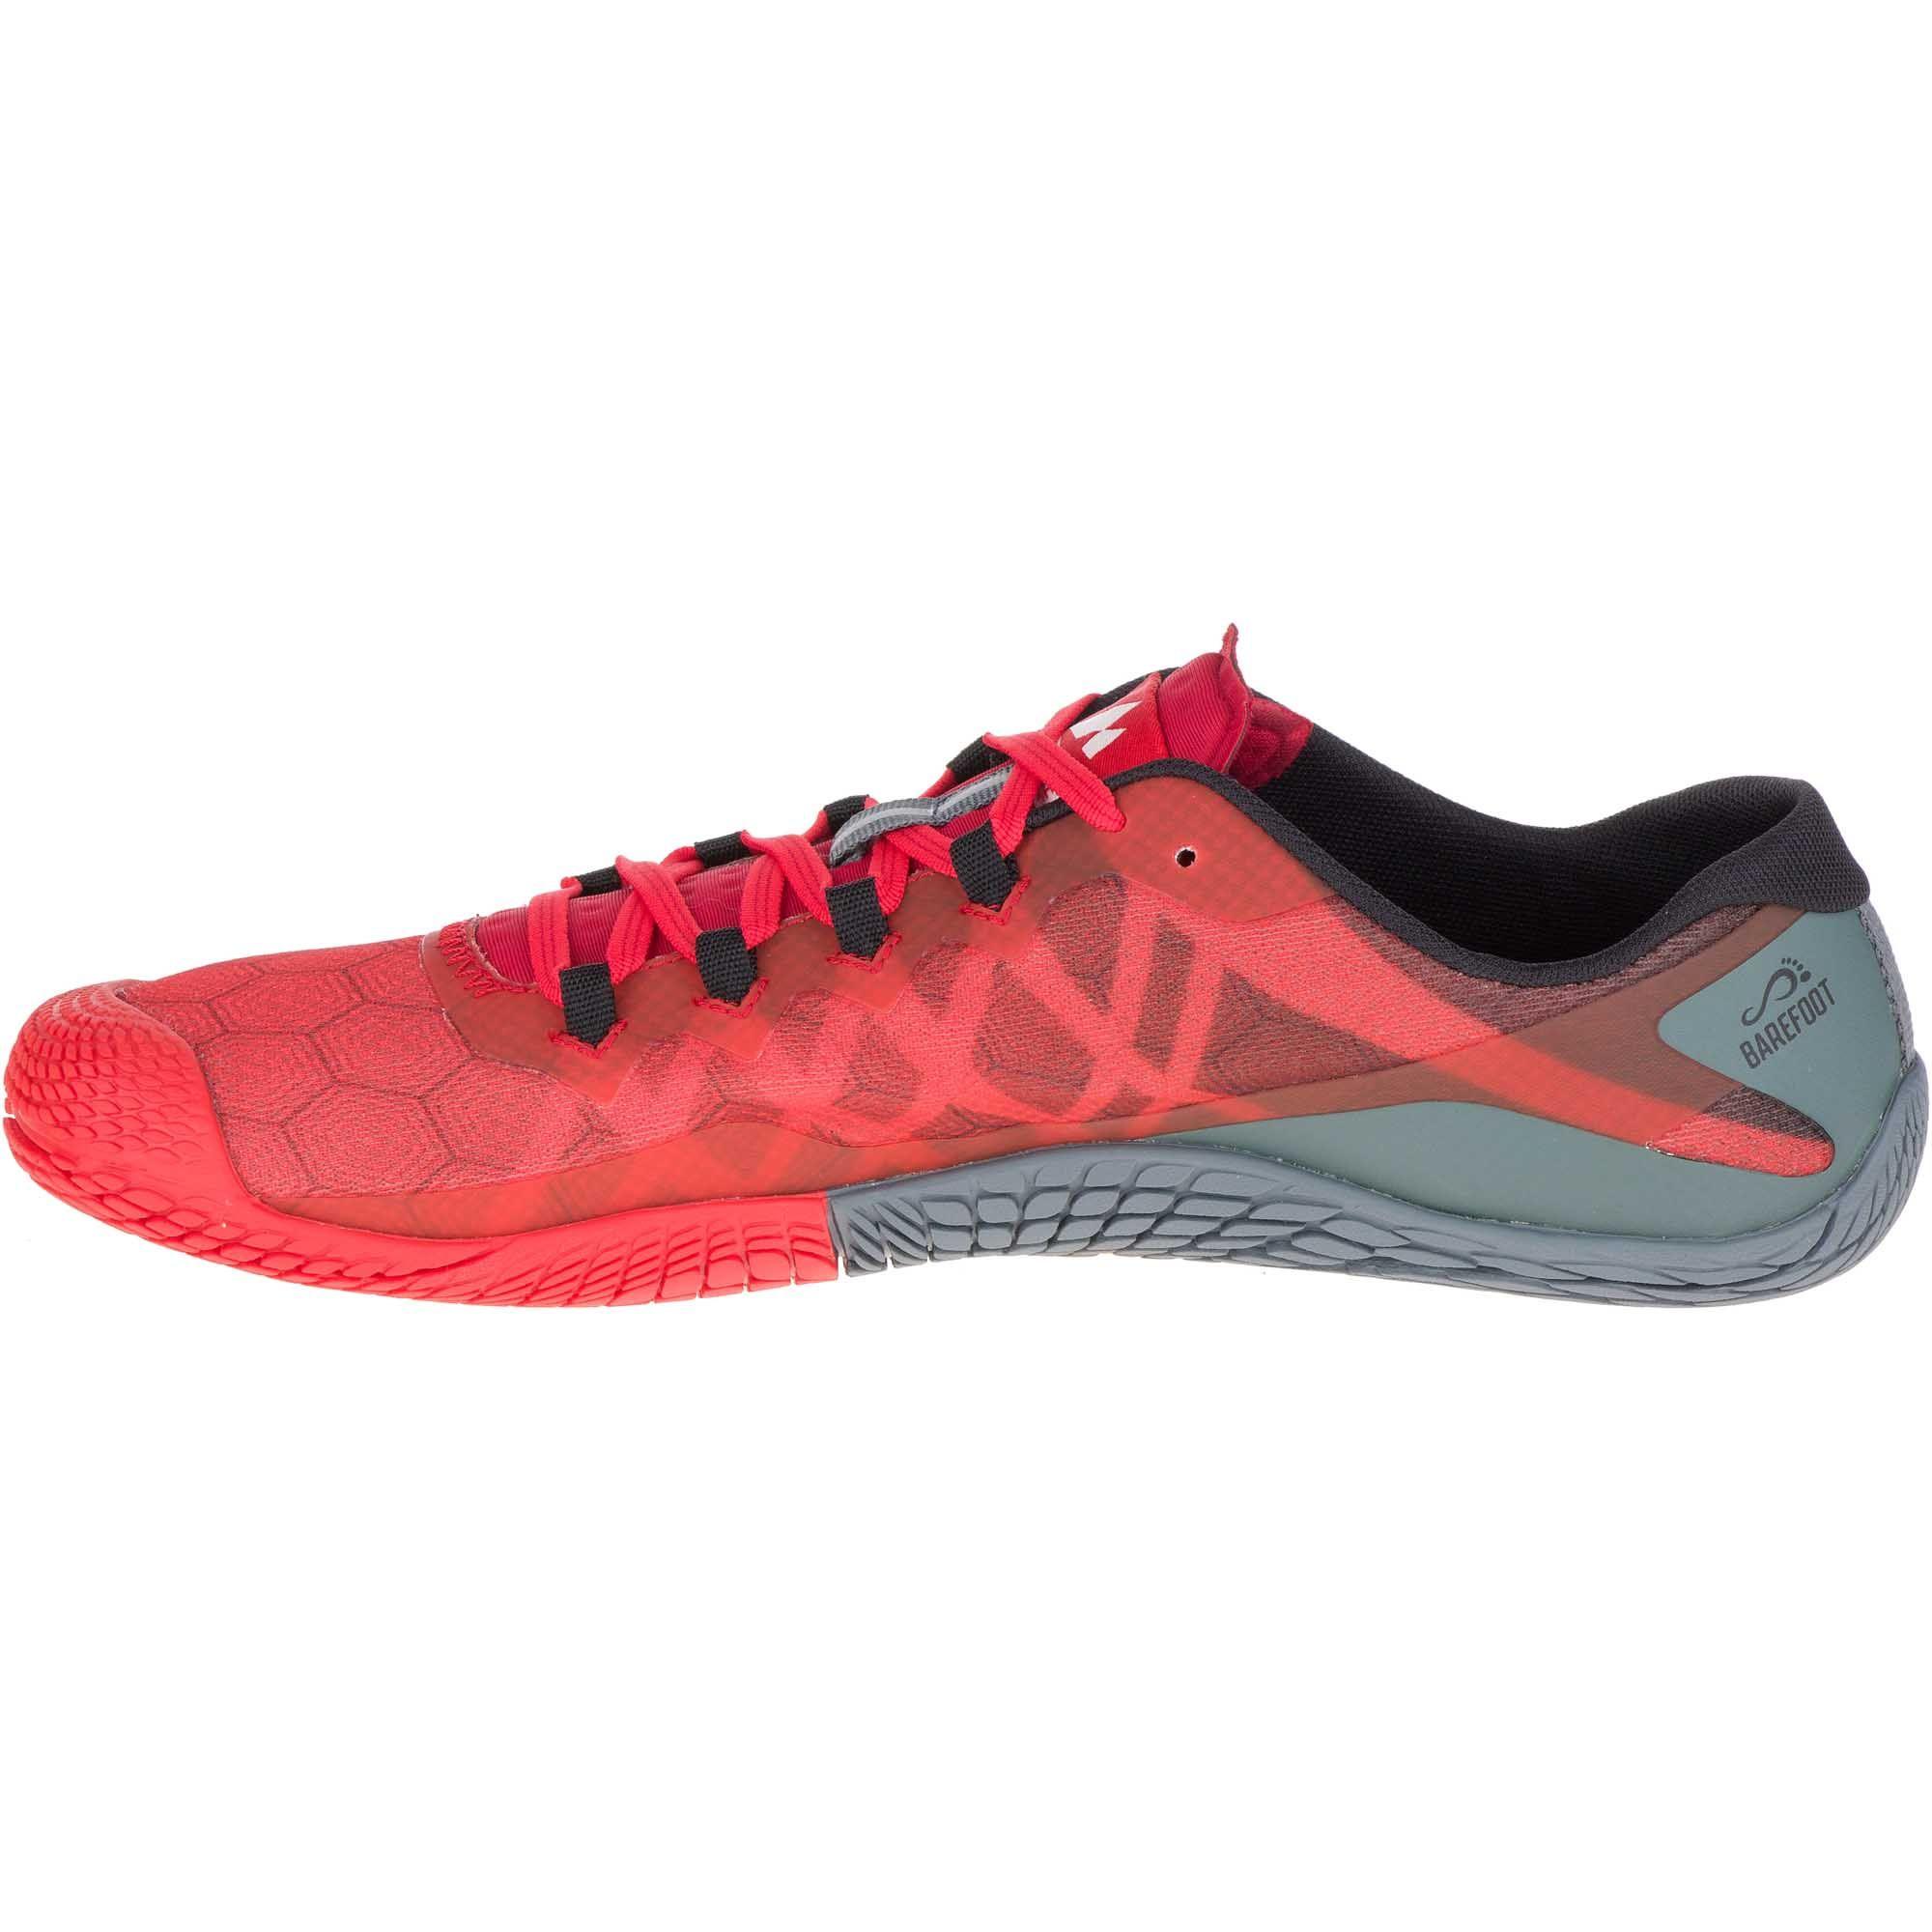 Merrell Tennis Shoes Barefoot